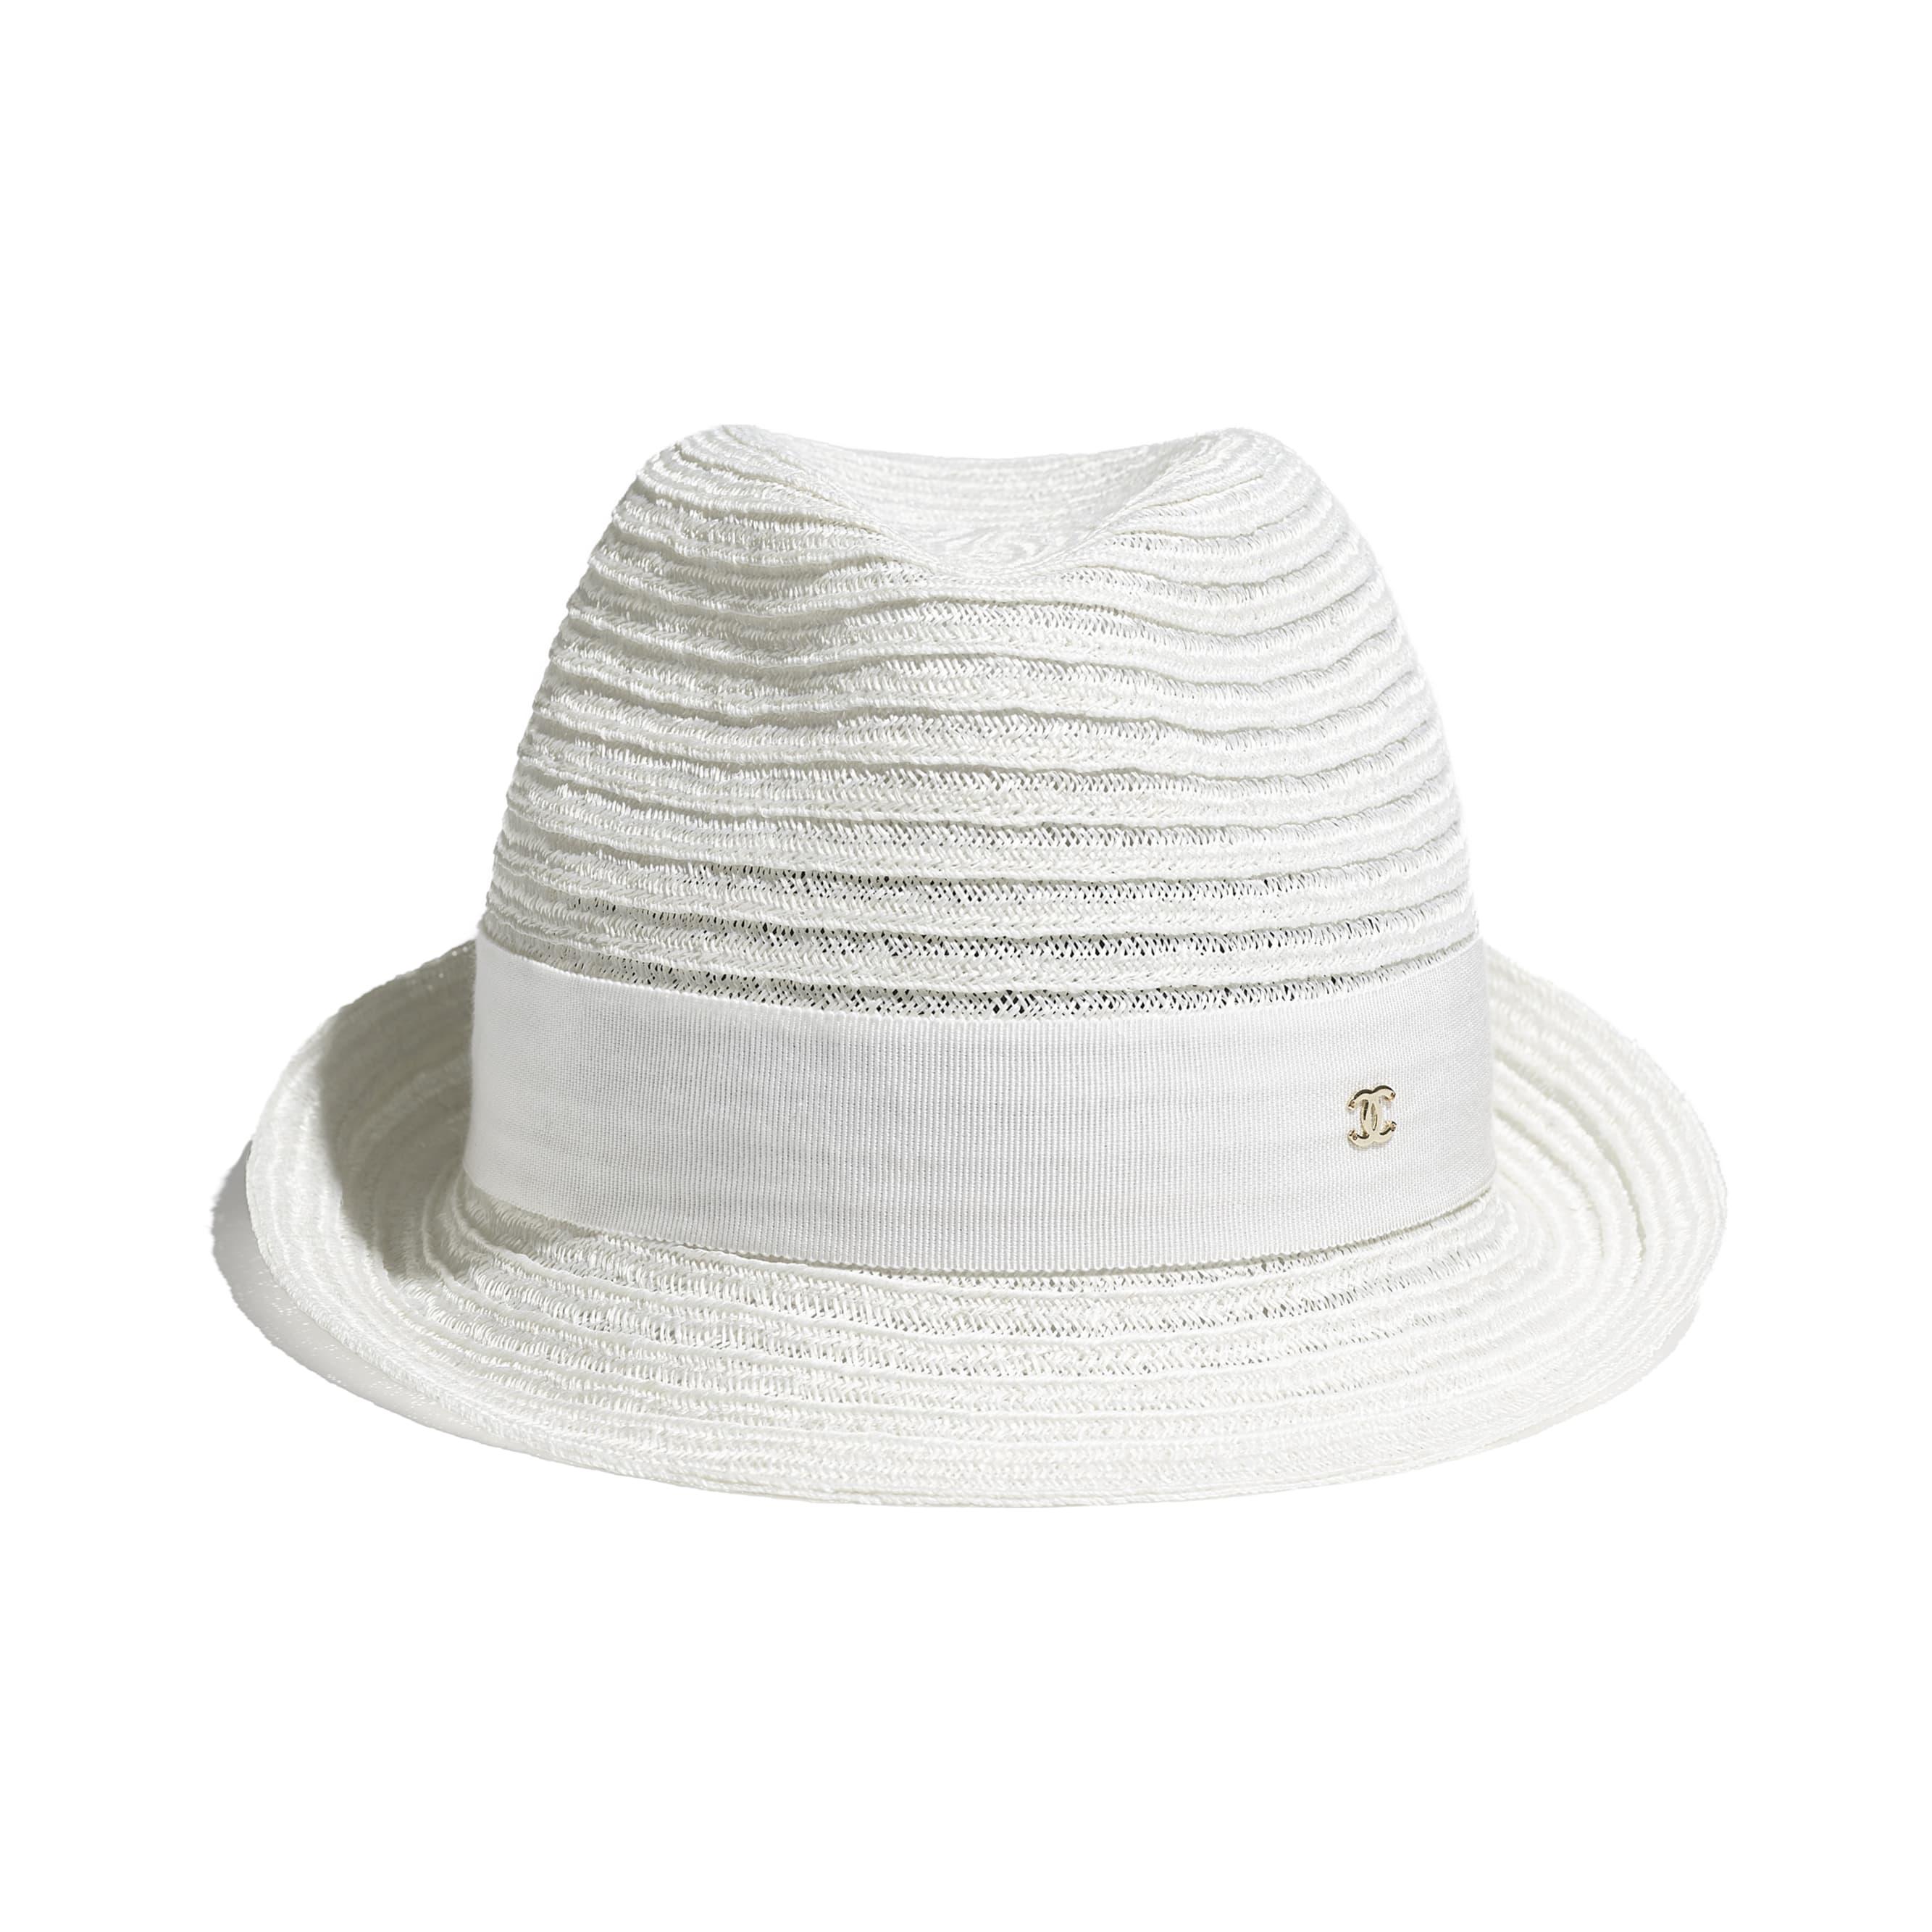 Шляпа - Белый - Солома и грогрен - CHANEL - Альтернативный вид - посмотреть изображение стандартного размера